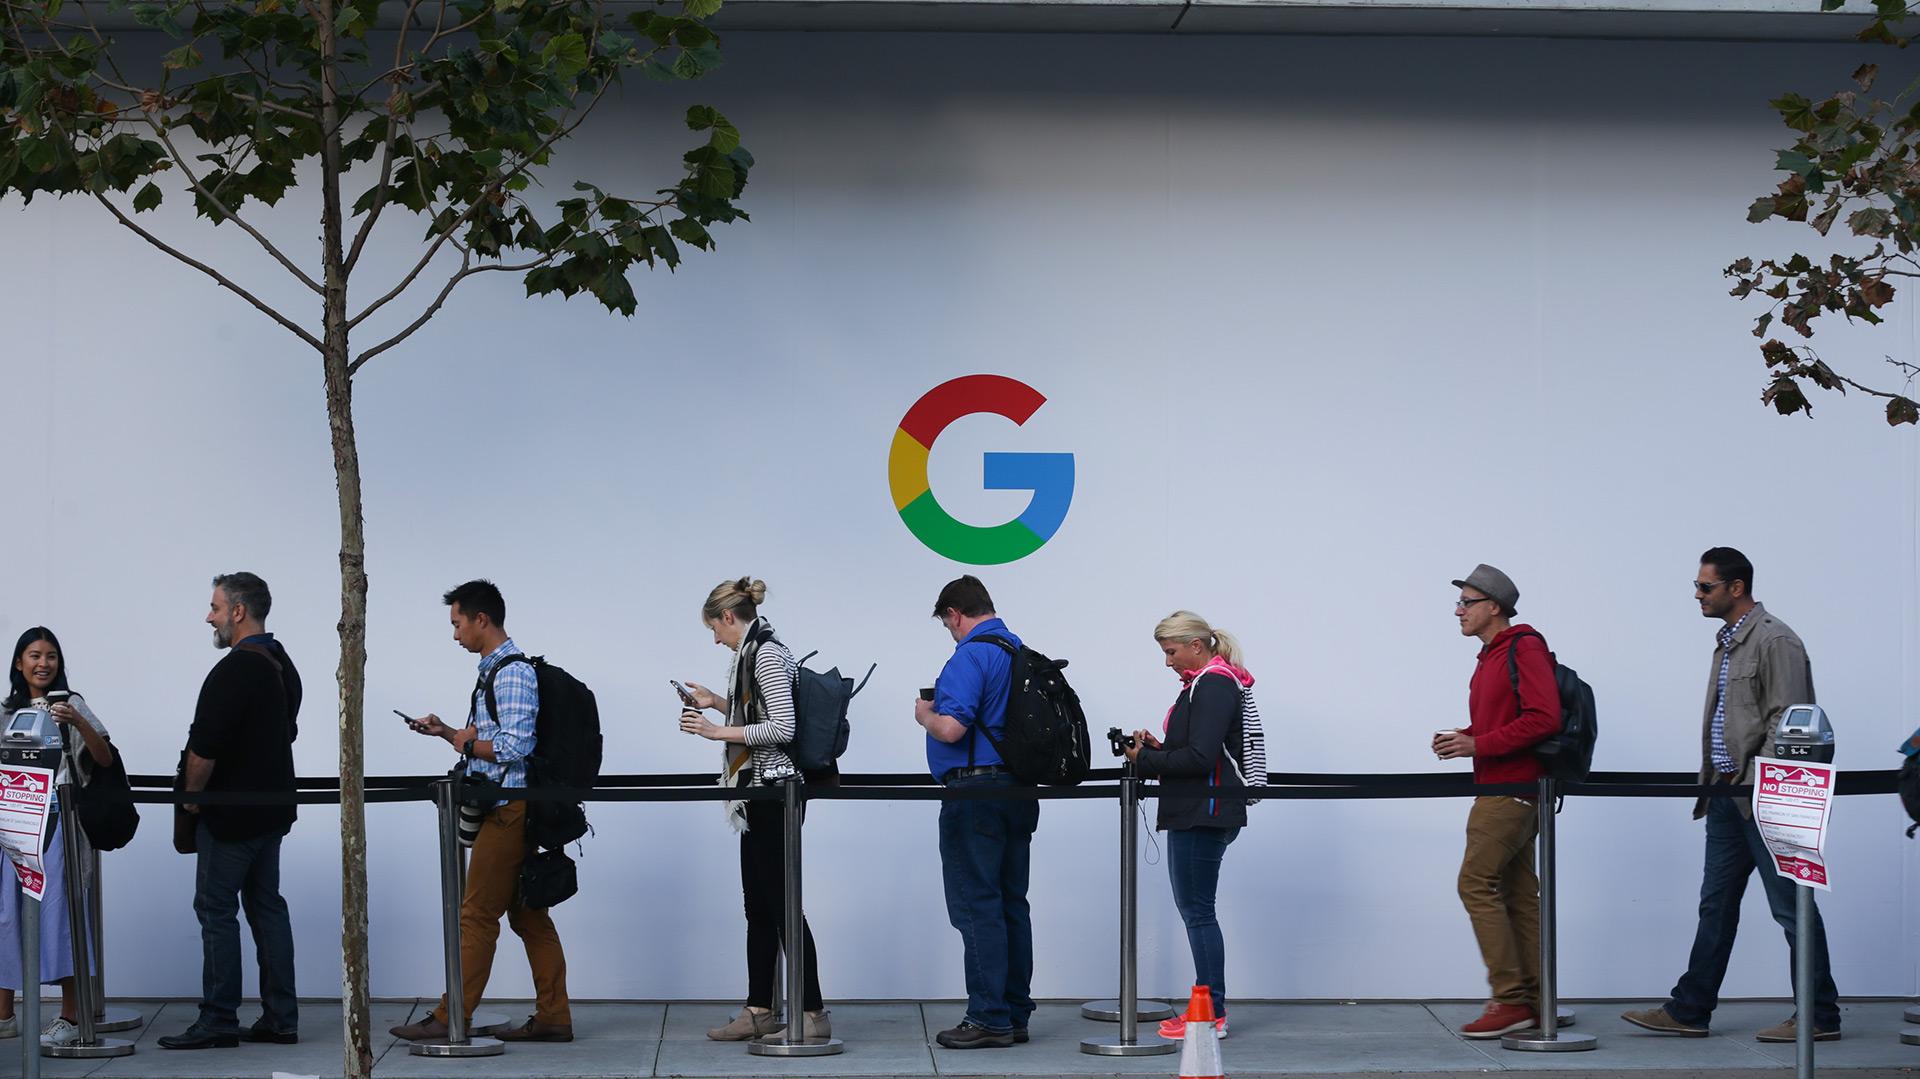 Asistentes esperan en la fila para participar en el lanzamiento de productos de Google el 4 de octubre de 2017, en el SFJAZZ Center de San Francisco, California